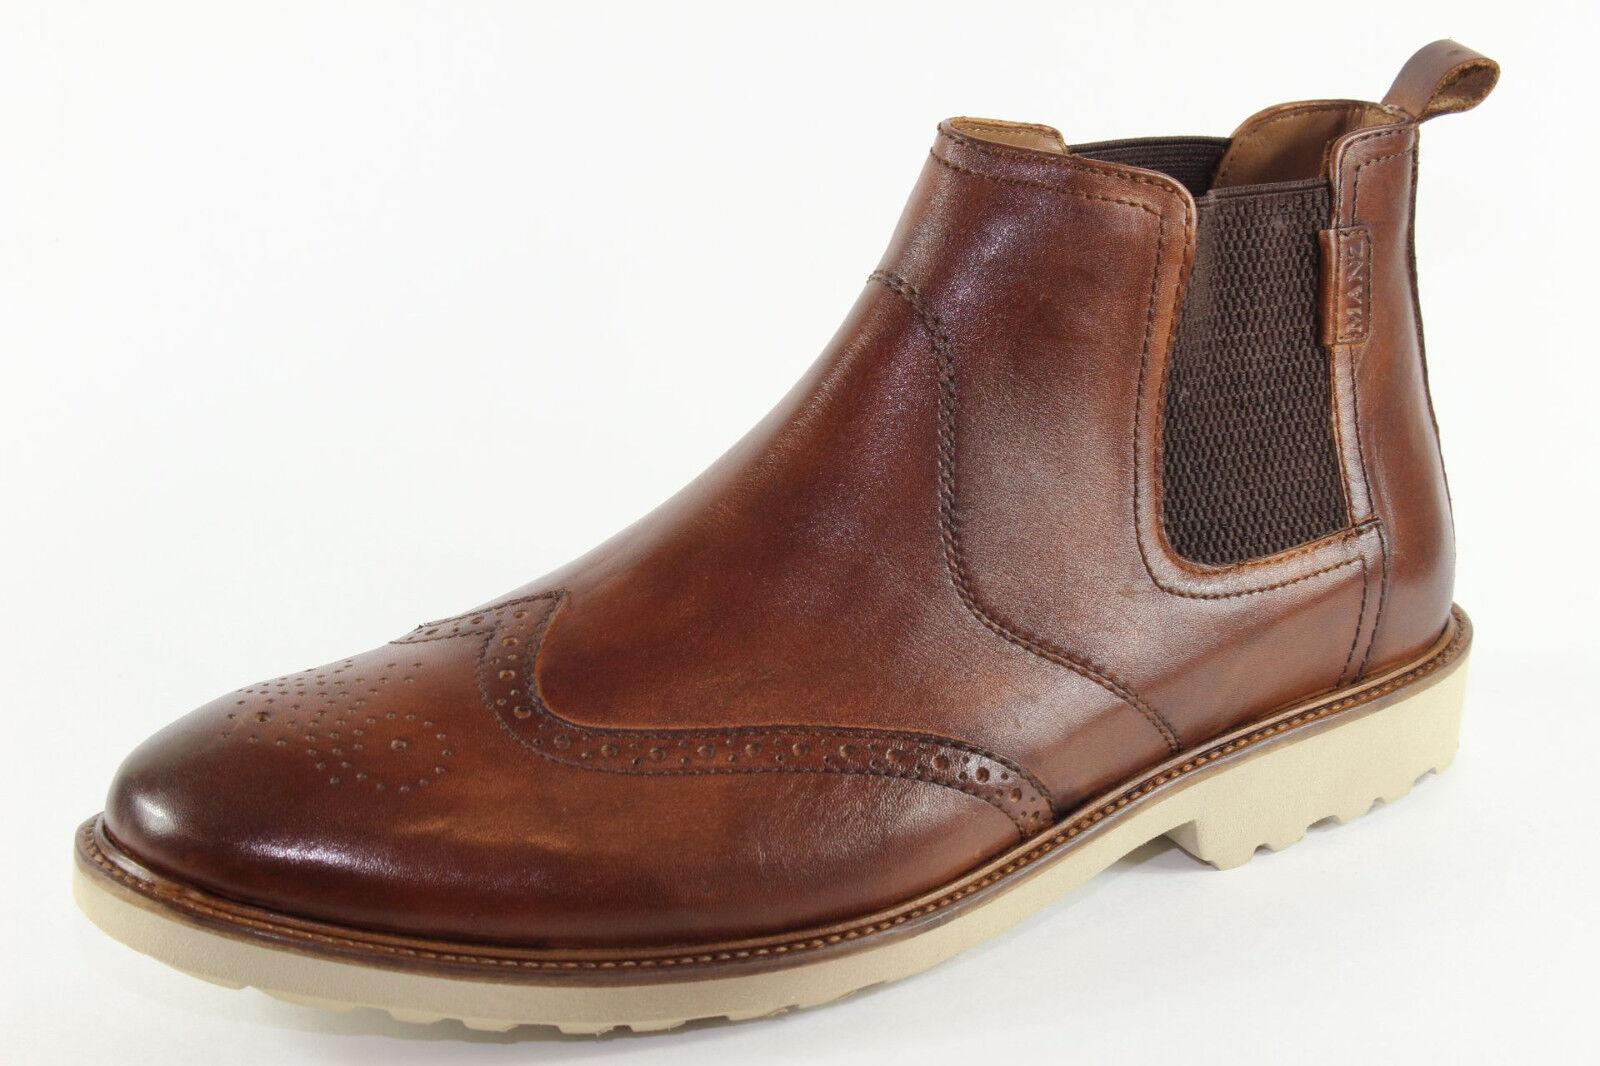 Manz 146057-03, schicke Chelsea Stiefel Übergröße